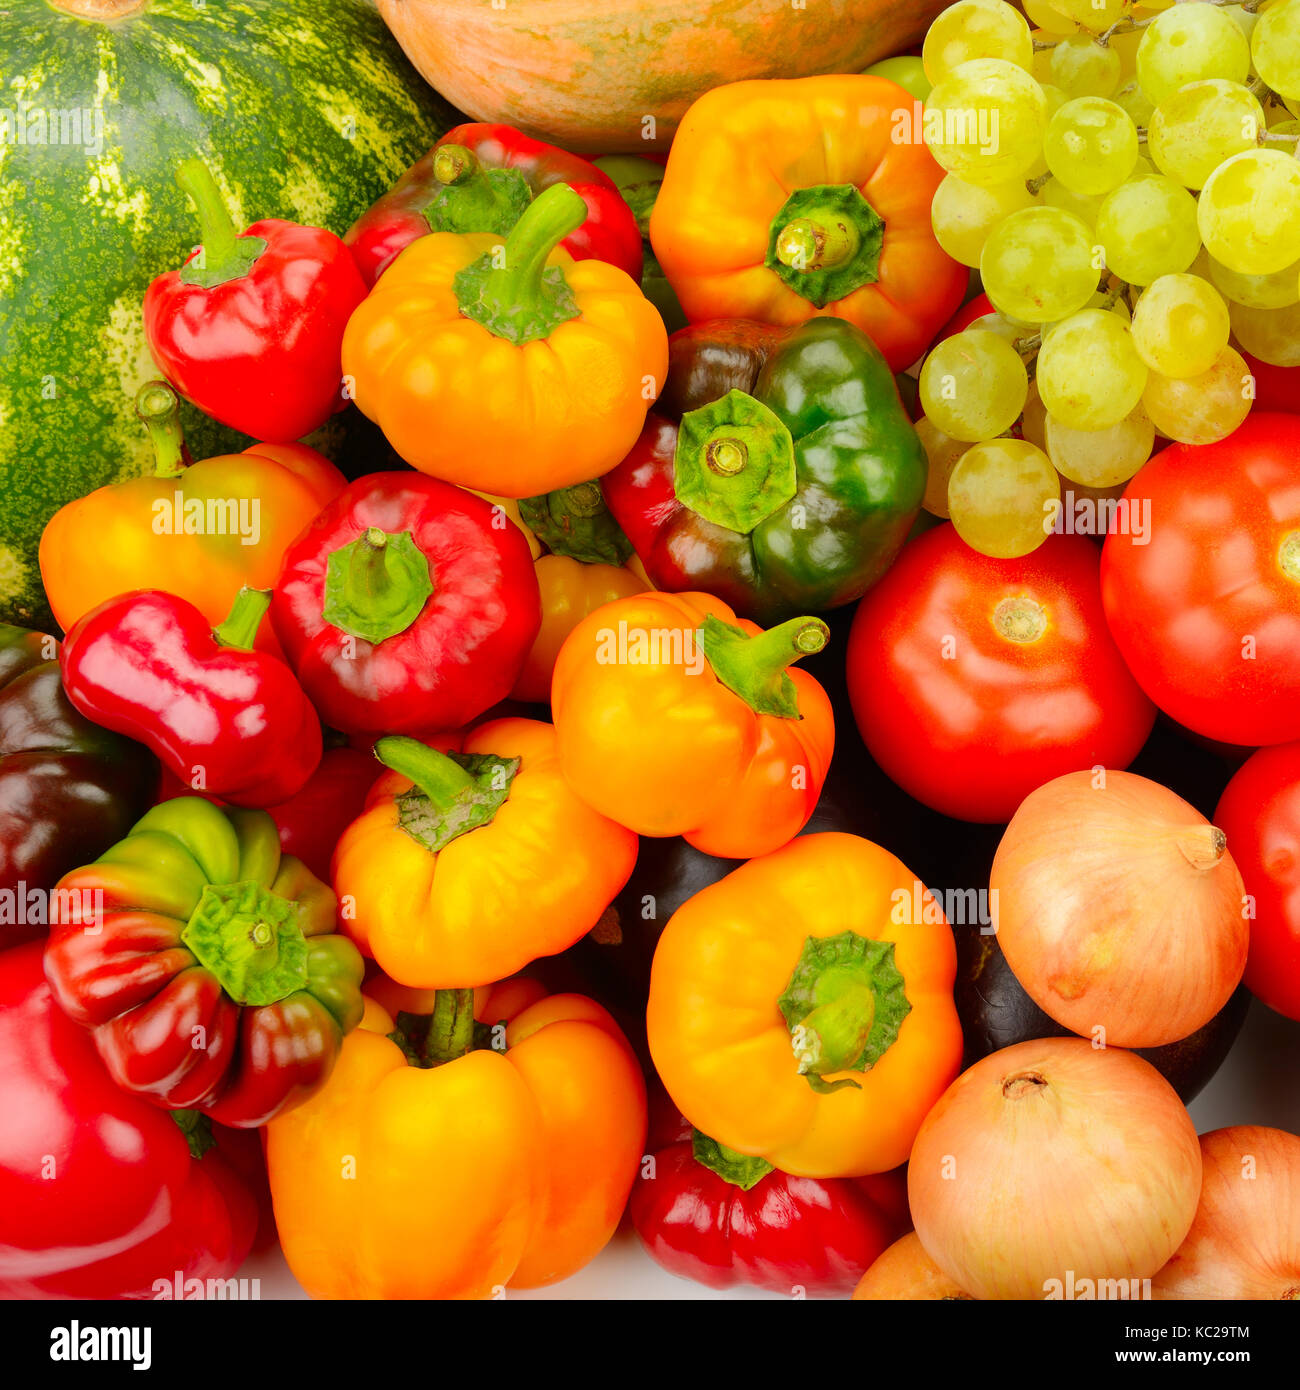 Obst und Gemüse Hintergrund Kollektion Stockbild